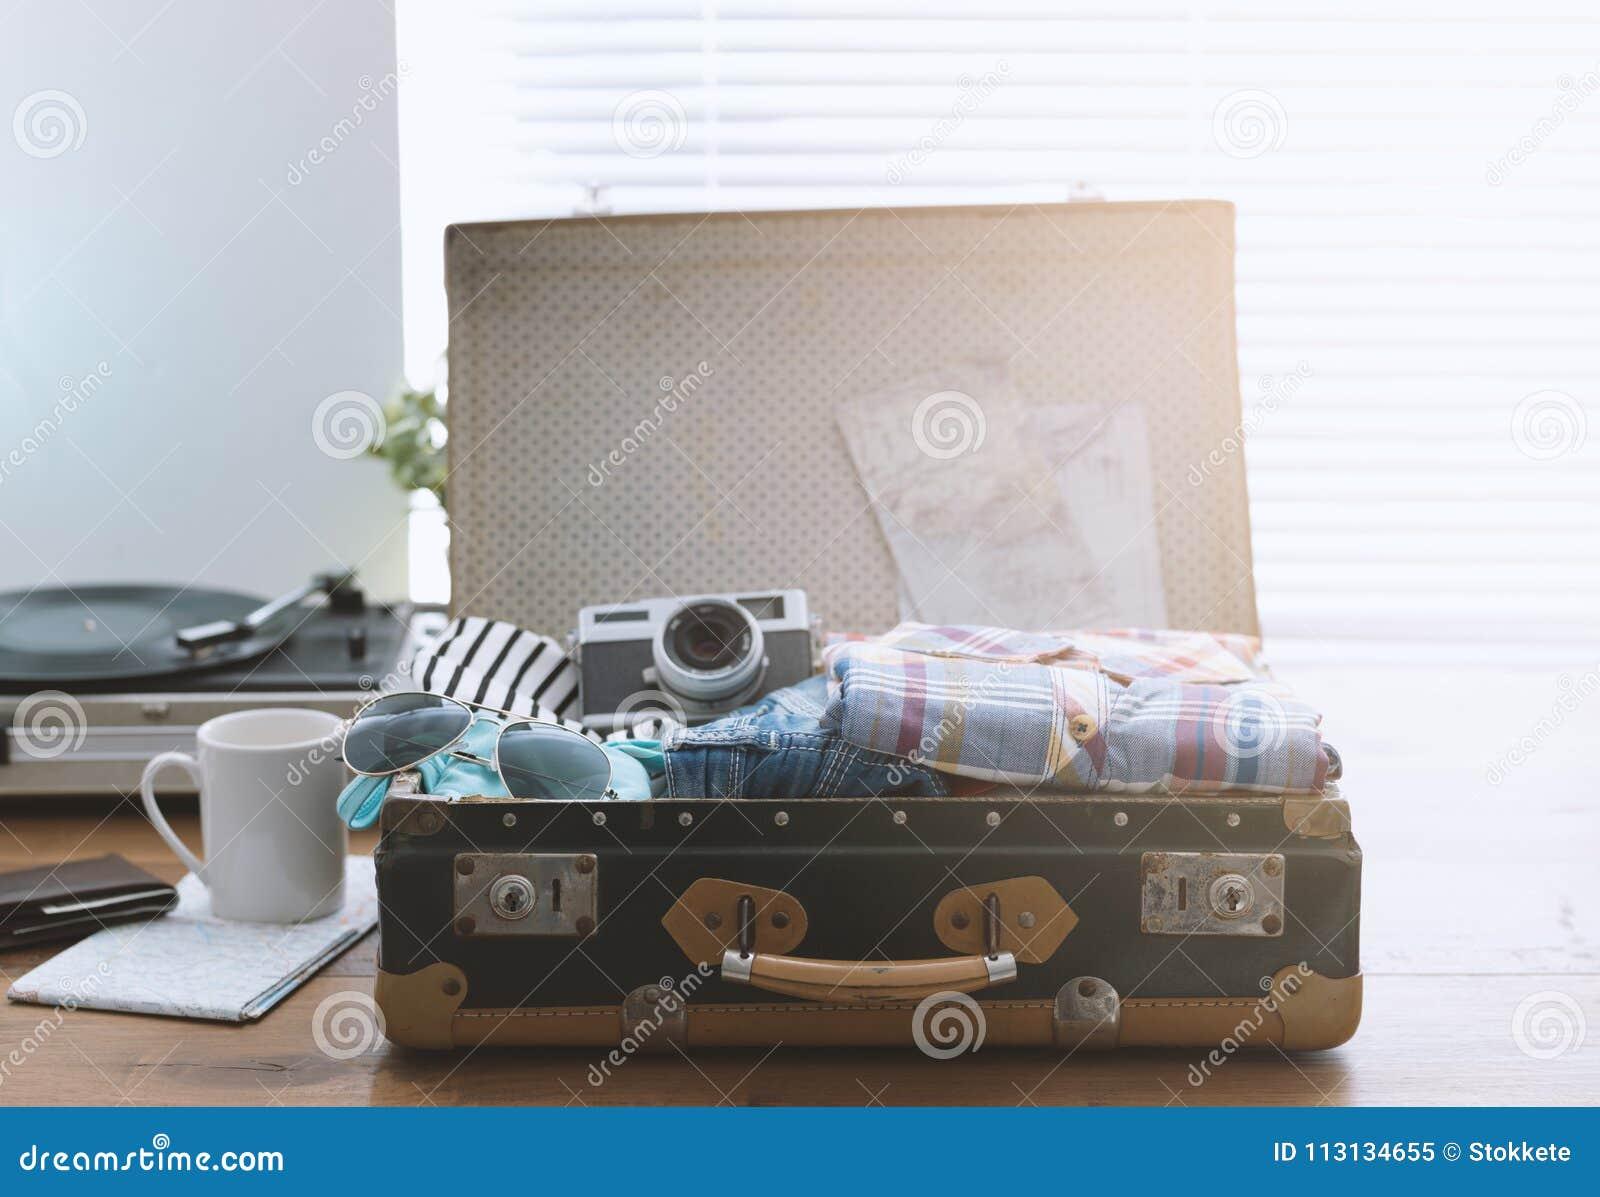 Путешественник пакуя его чемодан перед выходить